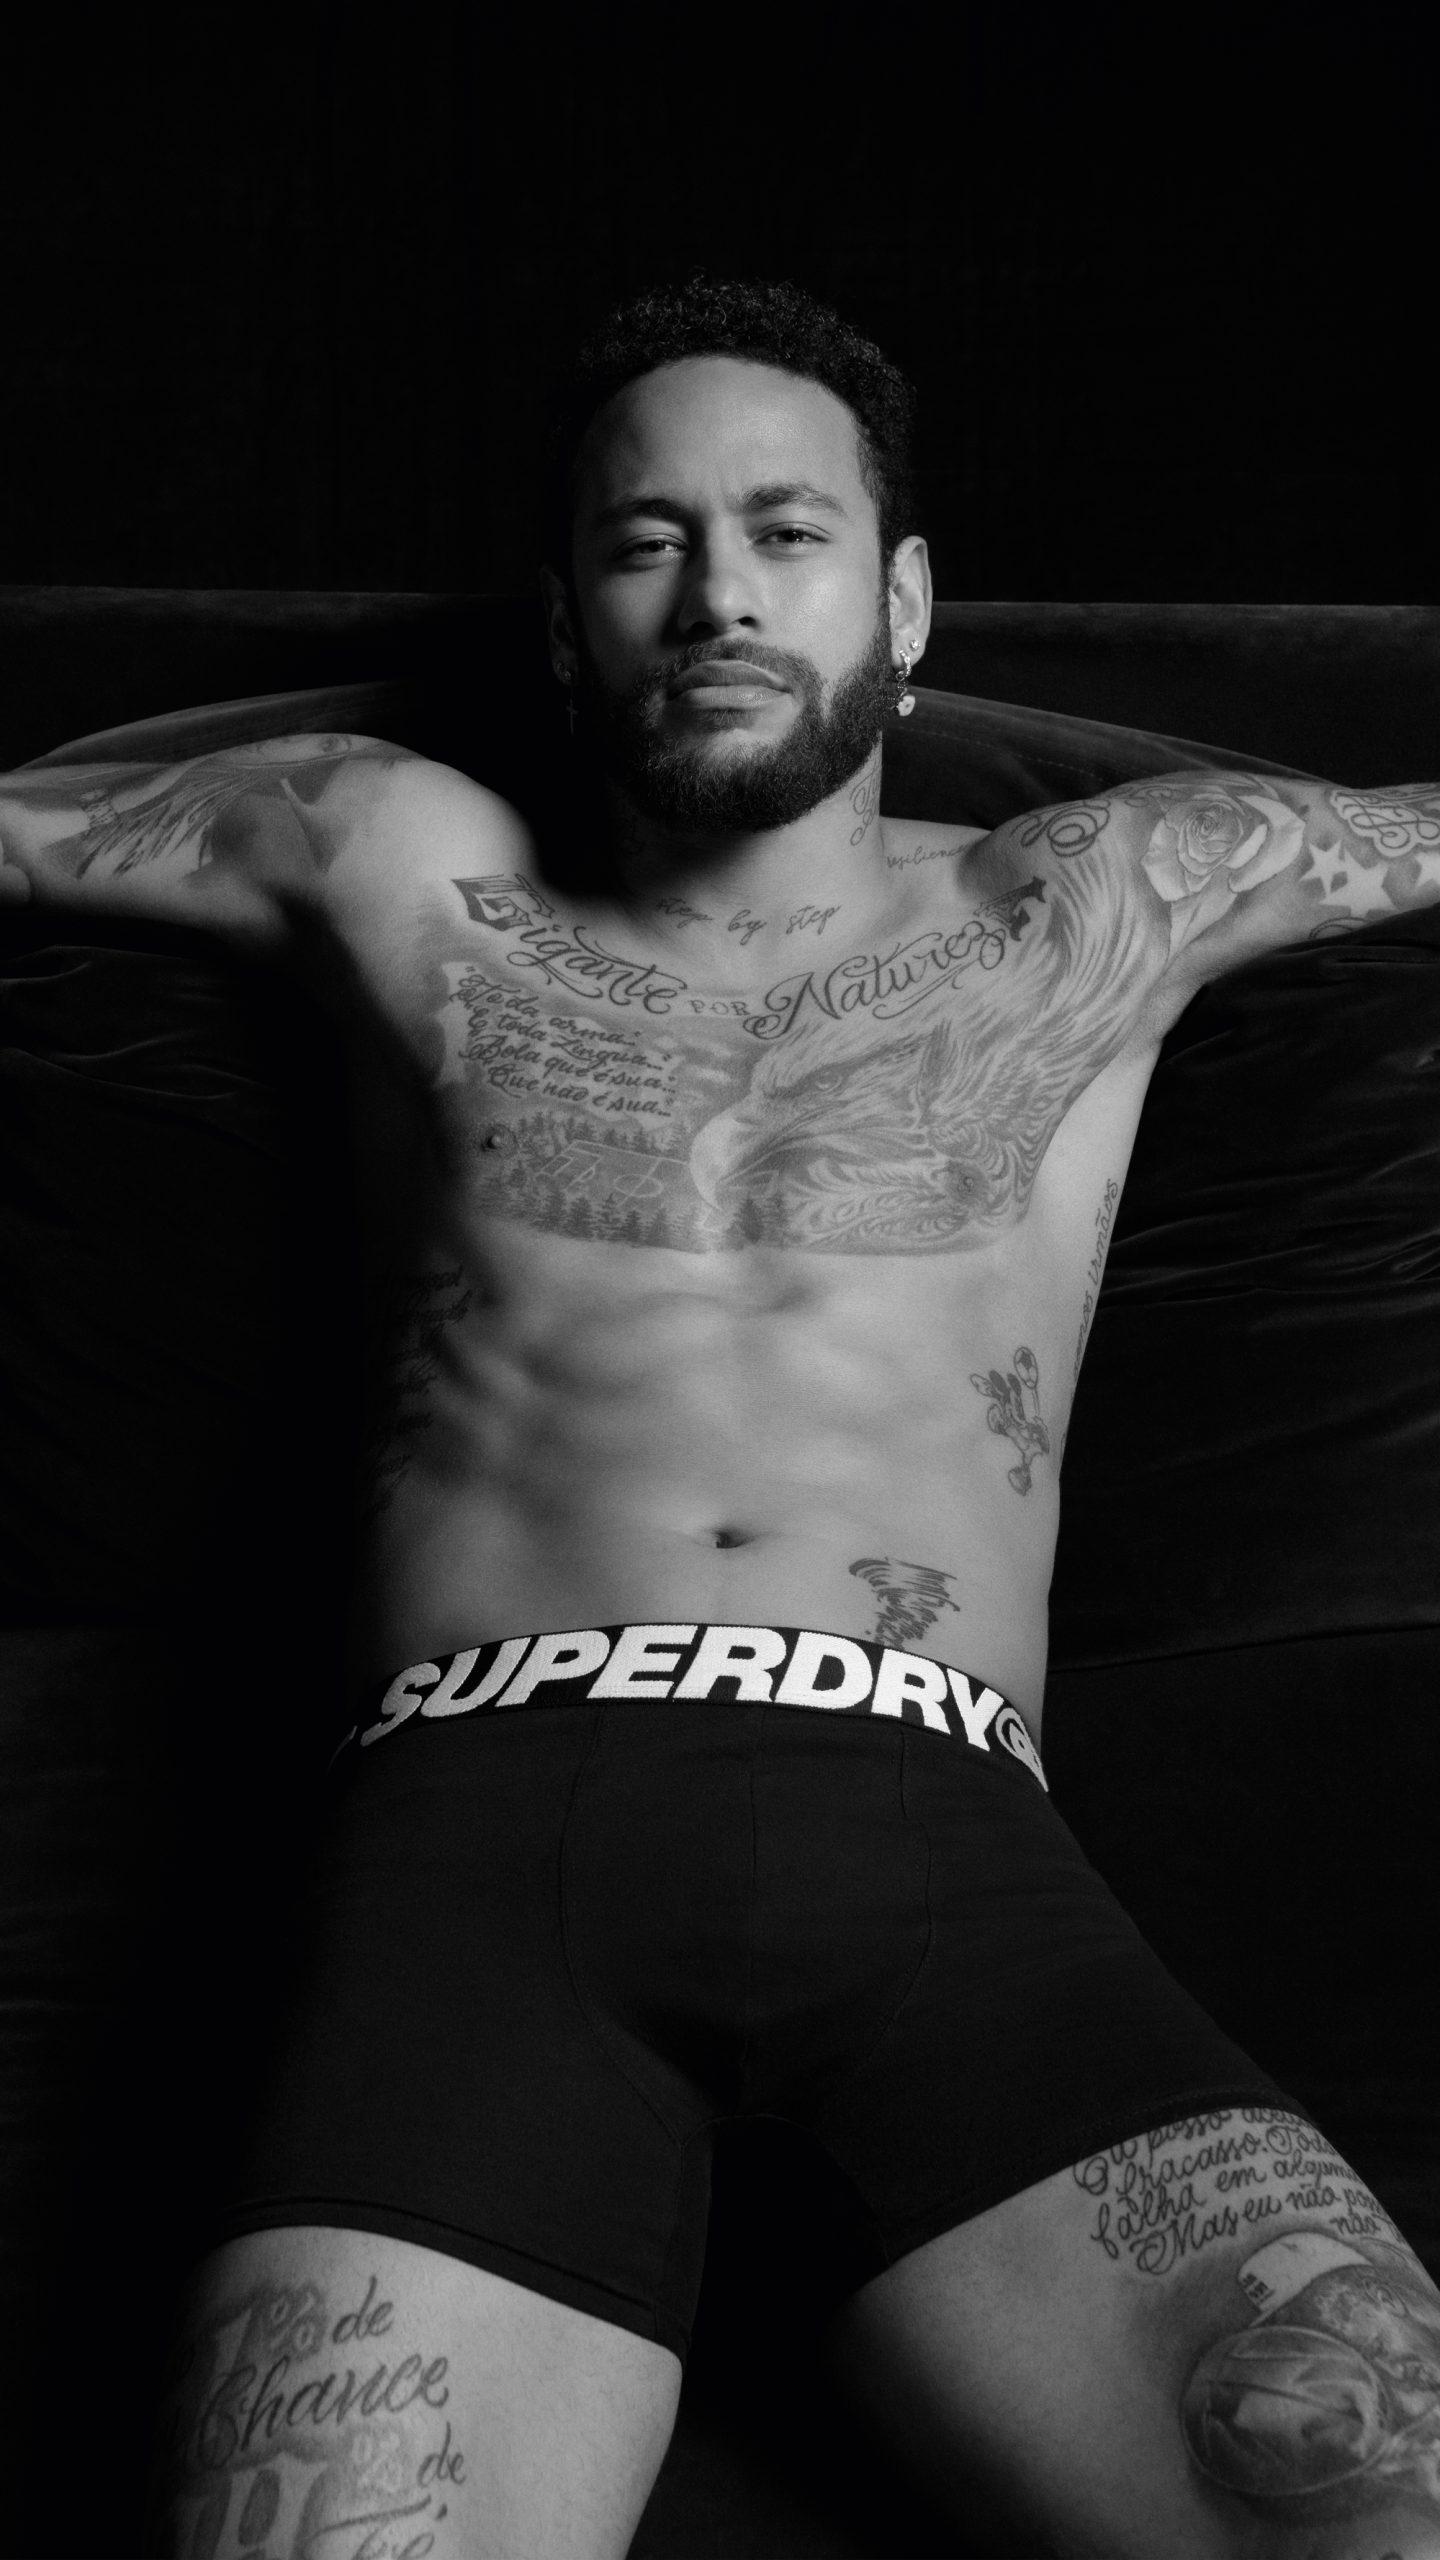 Neymar Jr. für Superdry